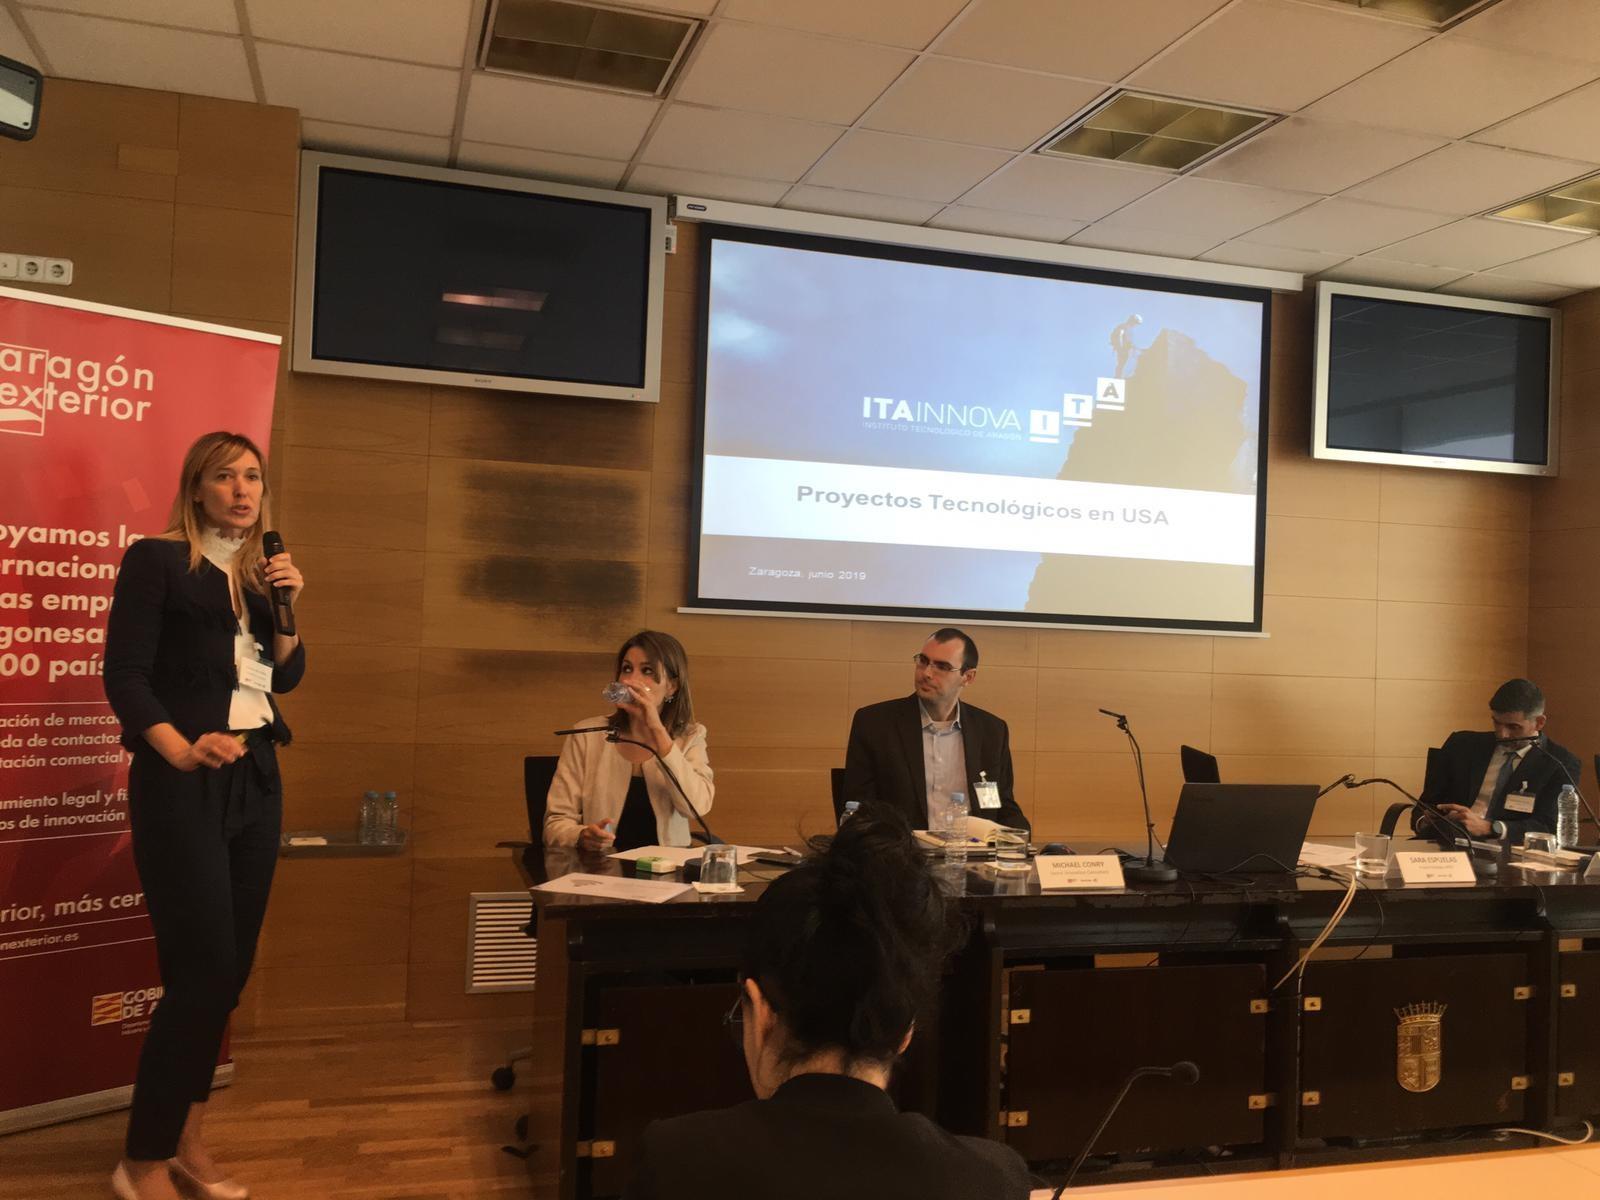 ITAINNOVA presenta un caso práctico de propuesta para recibir financiación de la innovación en EEUU